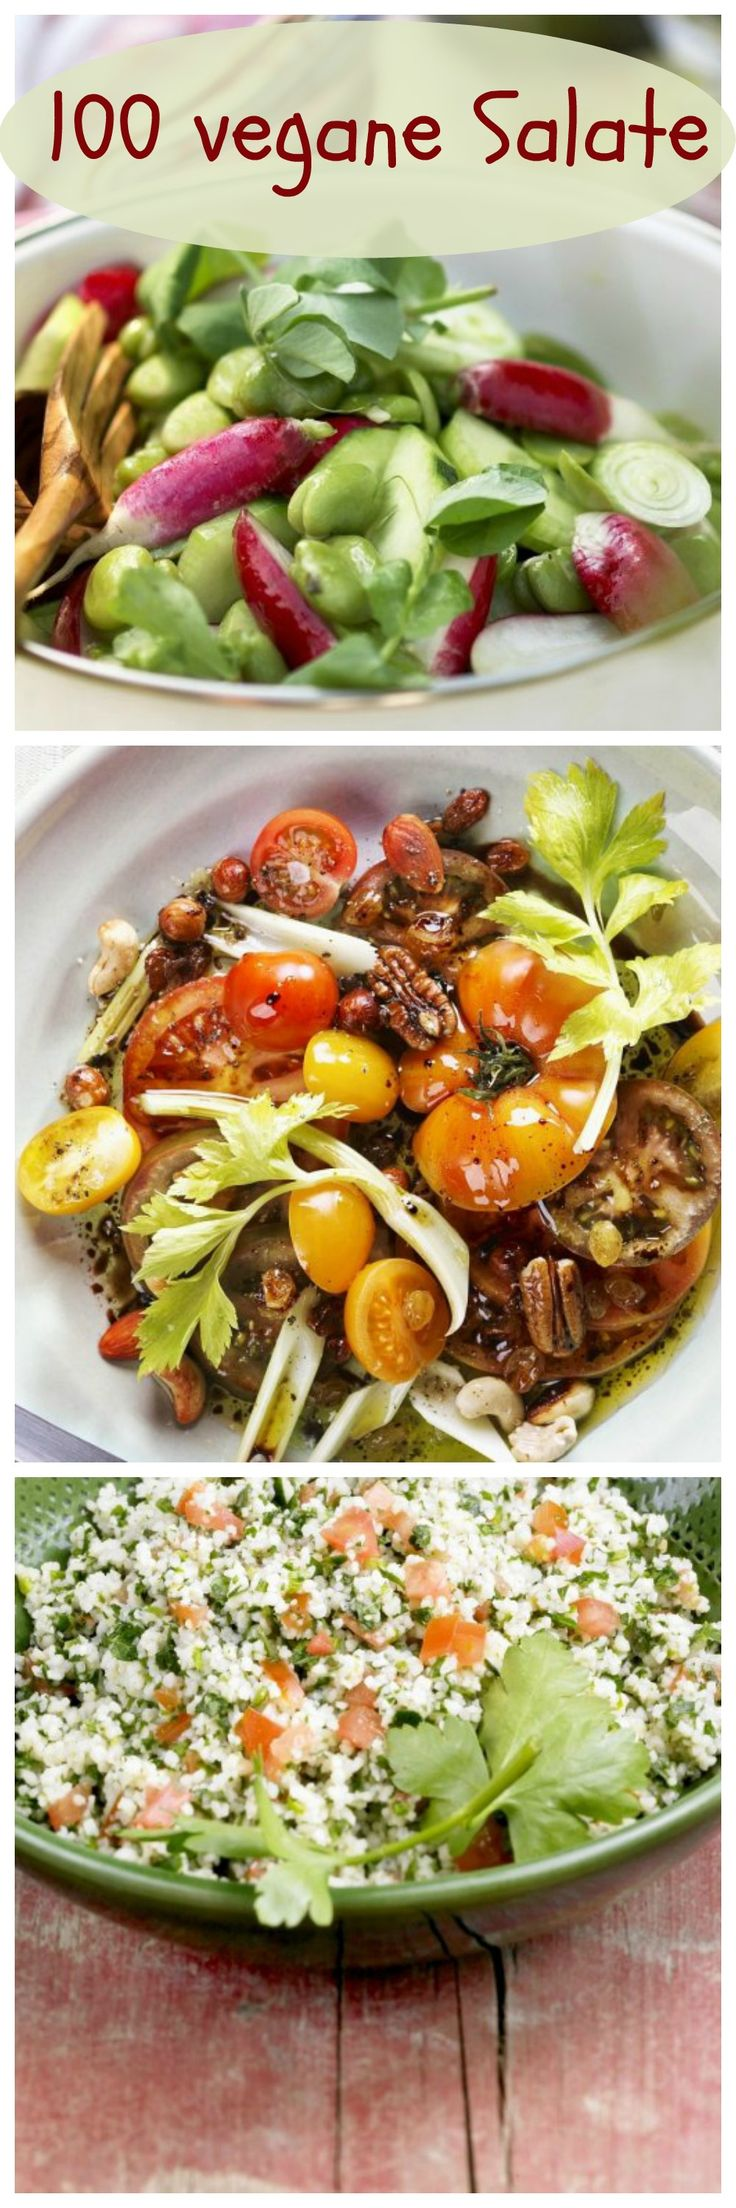 Best 25+ Vegane rezepte ideas on Pinterest | Vegetarische rezepte ...